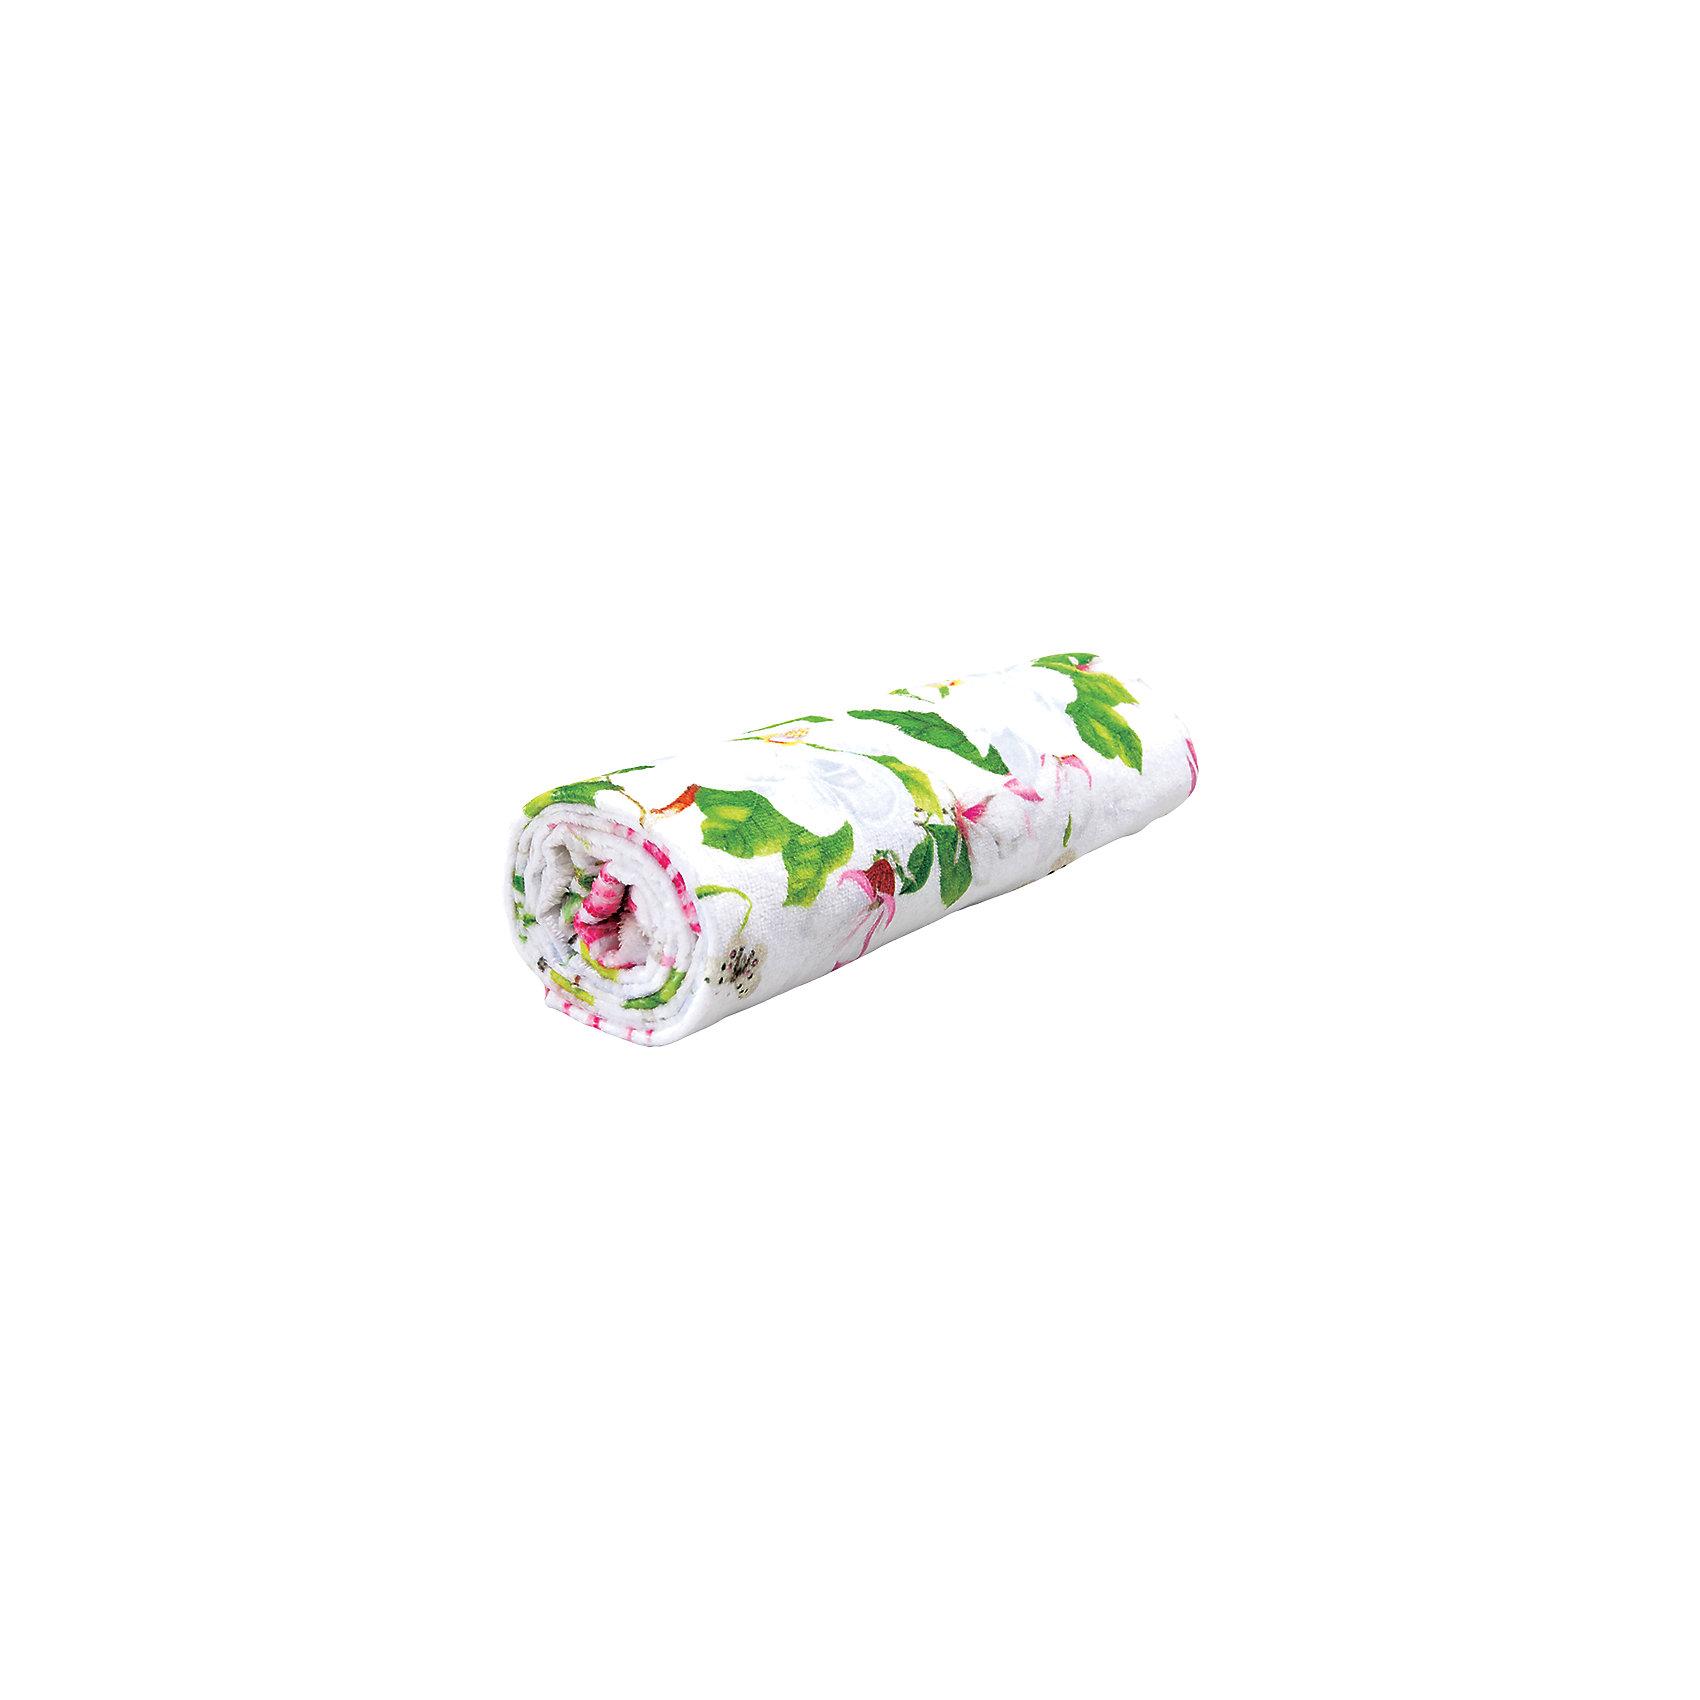 Полотенце «Magnolia» 50*90 хлопок велюр, Mona LizaПолотенца<br>Характеристики:<br><br>• материал: махра<br>• состав: 70% хлопок, 30% велюр<br>• размер полотенца: 50х90 см<br>• размер упаковки: 37х1х25 см<br>• вес: 350 грамм<br><br>Полотенце Magnolia декорировано красочным принтом с прекрасными магнолиями. Полотенце изготовлено из махры. Она приятна телу и, к тому же, быстро впитывает влагу, обеспечивая вам сухость и ощущение комфорта. Кроме того, этот материал хорошо поддается стирке, не нуждается в глажке.<br><br>Полотенце «Magnolia» 50*90 хлопок велюр, Mona Liza (Мона Лиза) вы можете купить в нашем интернет-магазине.<br><br>Ширина мм: 300<br>Глубина мм: 10<br>Высота мм: 200<br>Вес г: 200<br>Возраст от месяцев: 84<br>Возраст до месяцев: 600<br>Пол: Унисекс<br>Возраст: Детский<br>SKU: 6765285